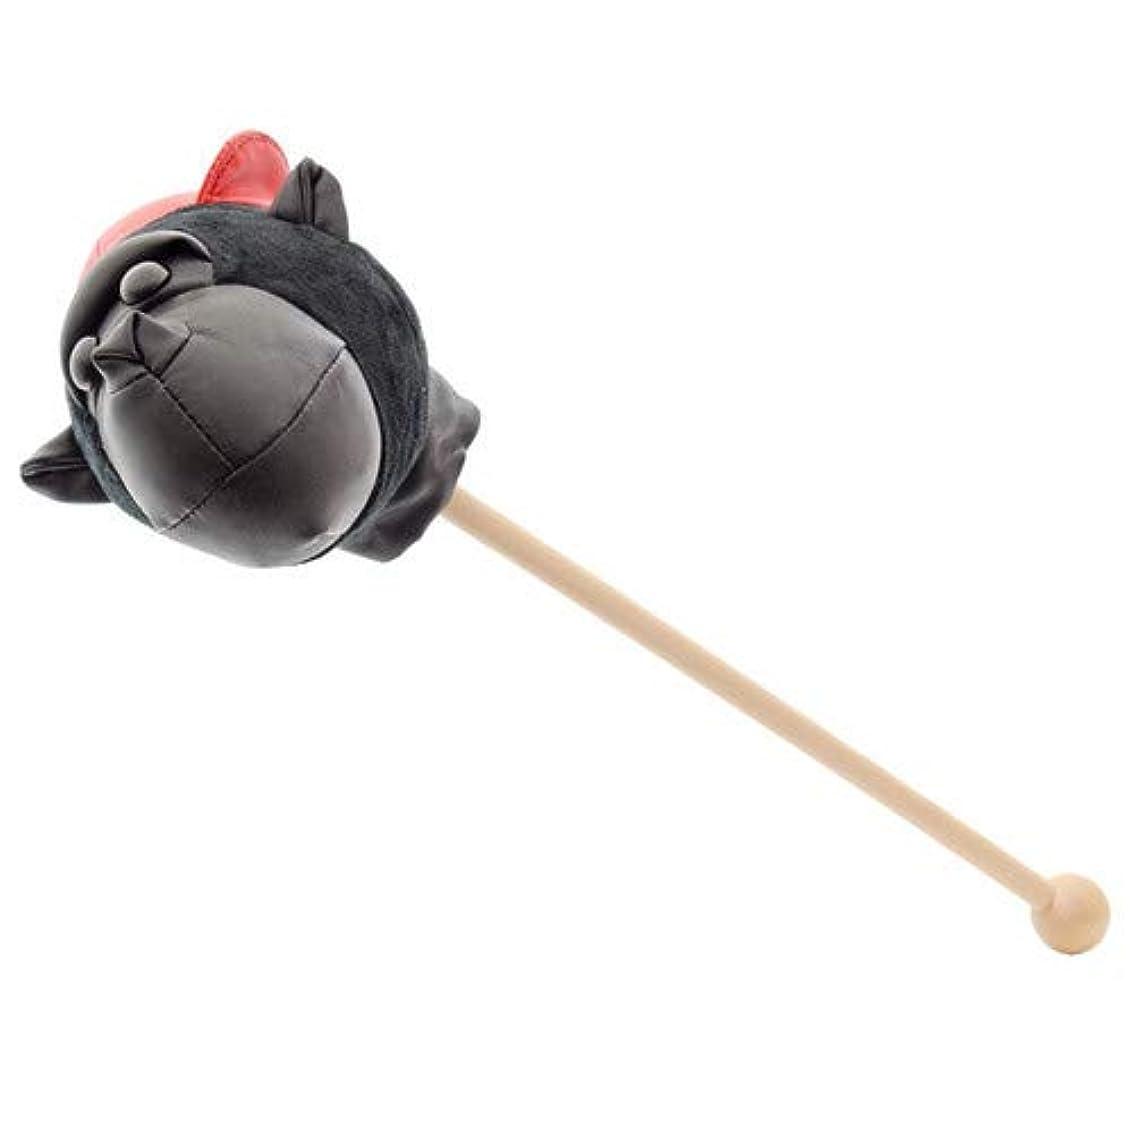 ゴリラ 肩たたき棒 (ブラック)